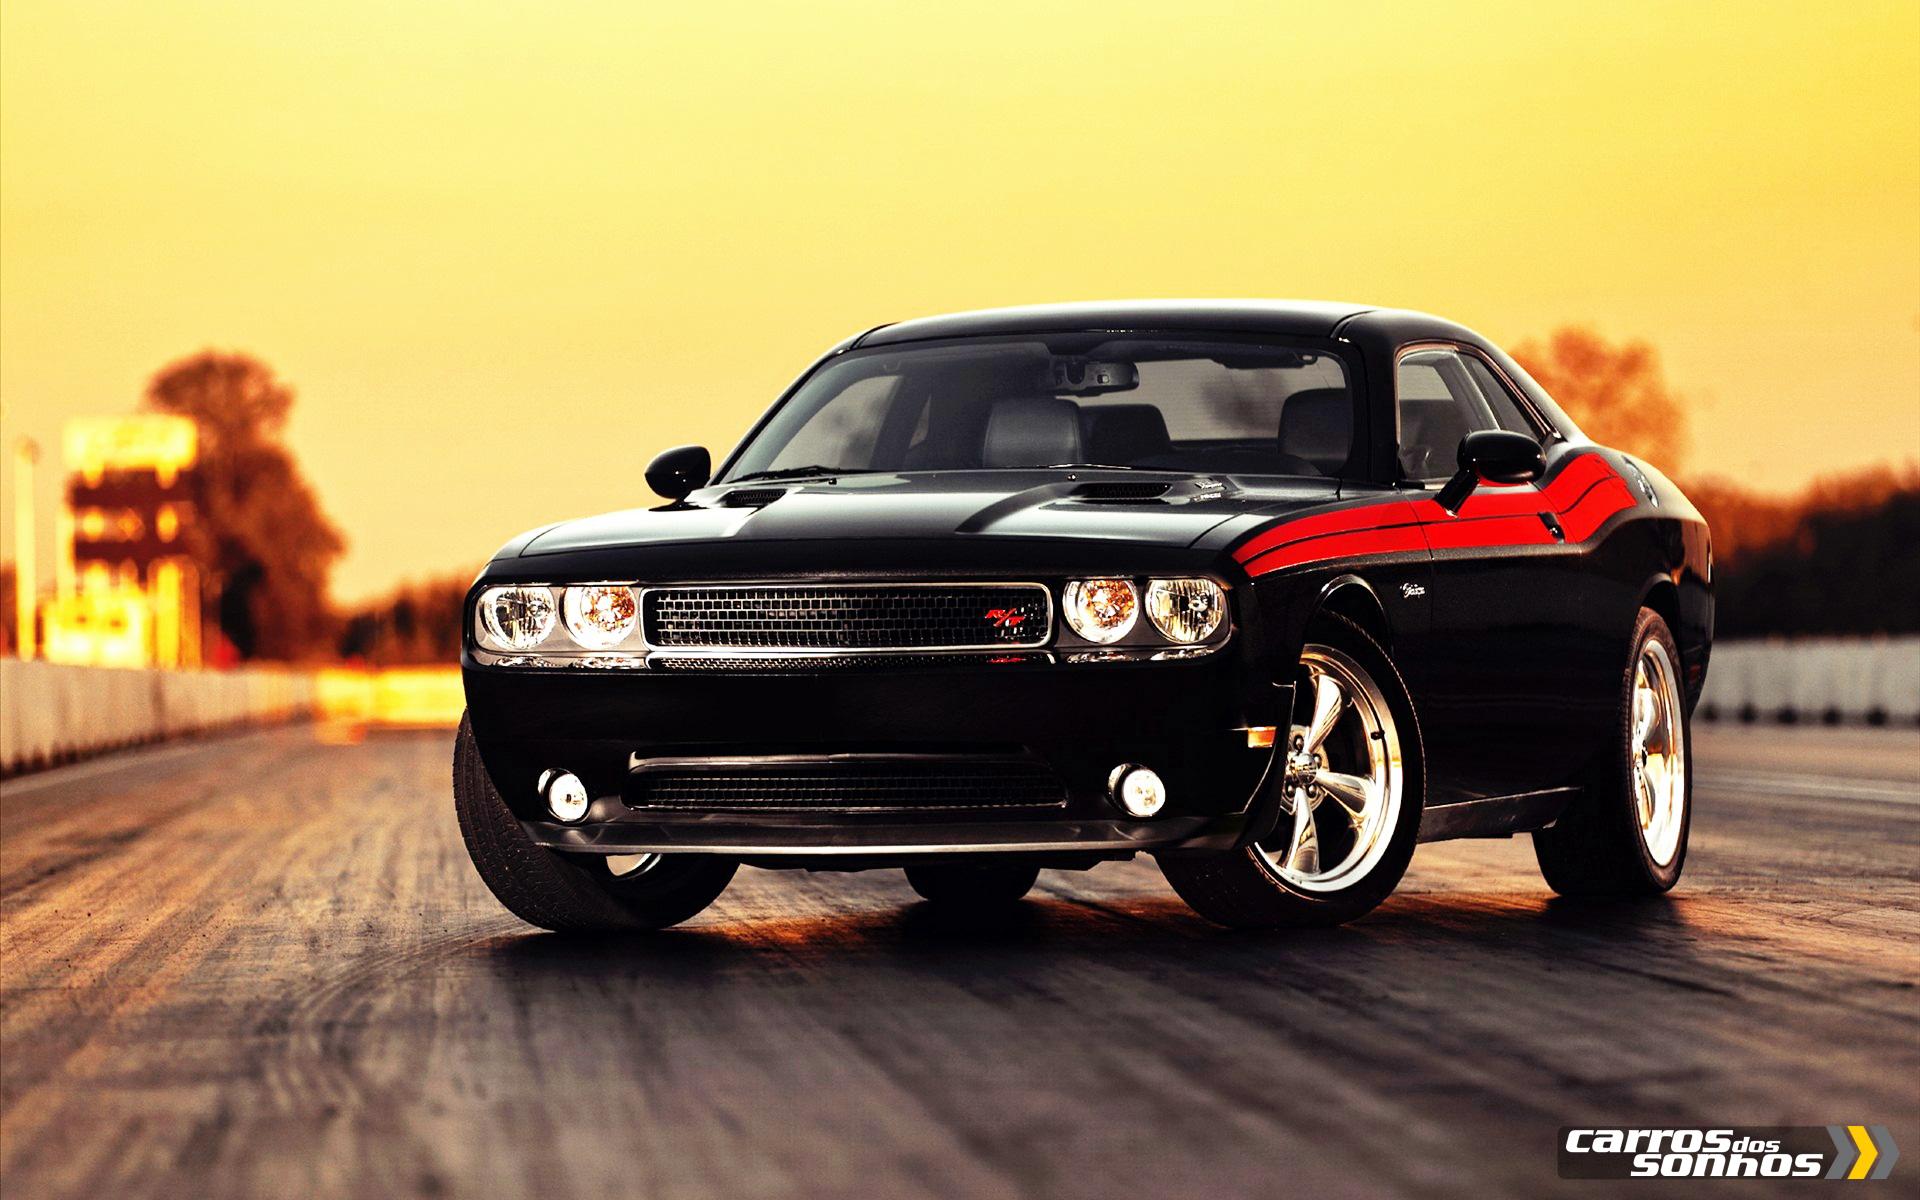 Dodge Challenger Antigo V8 >> Fotos de Carros para Papel de Parede | Carros dos Sonhos